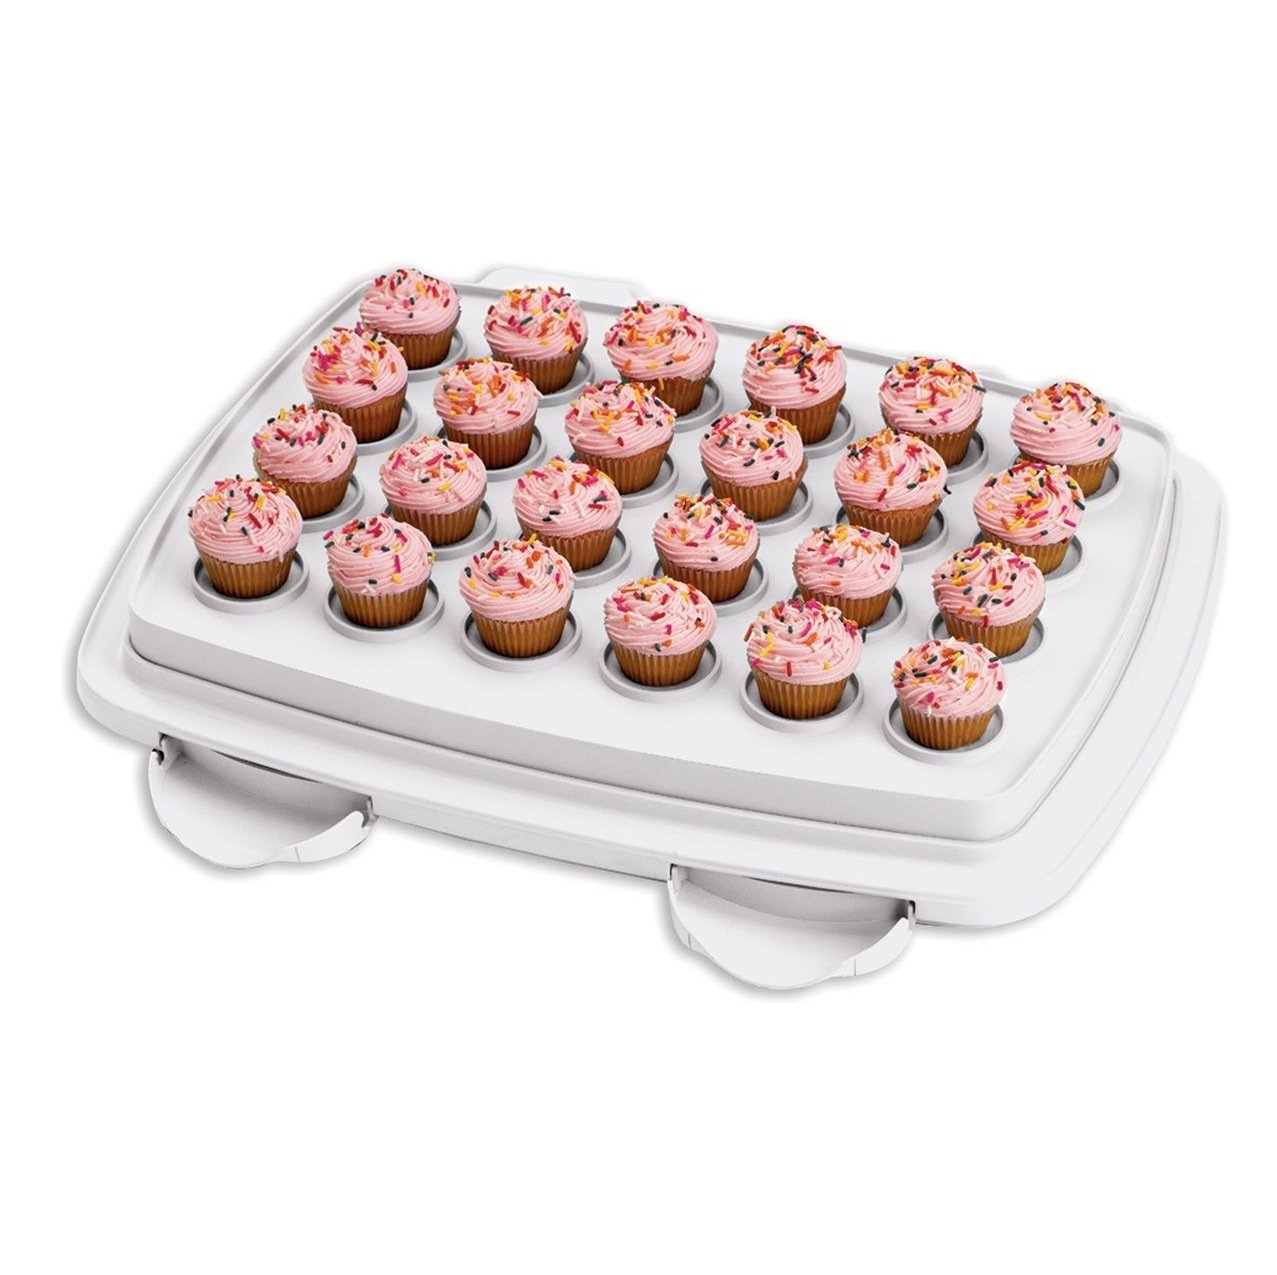 Transportador cupcakes 3 en 1 Wilton